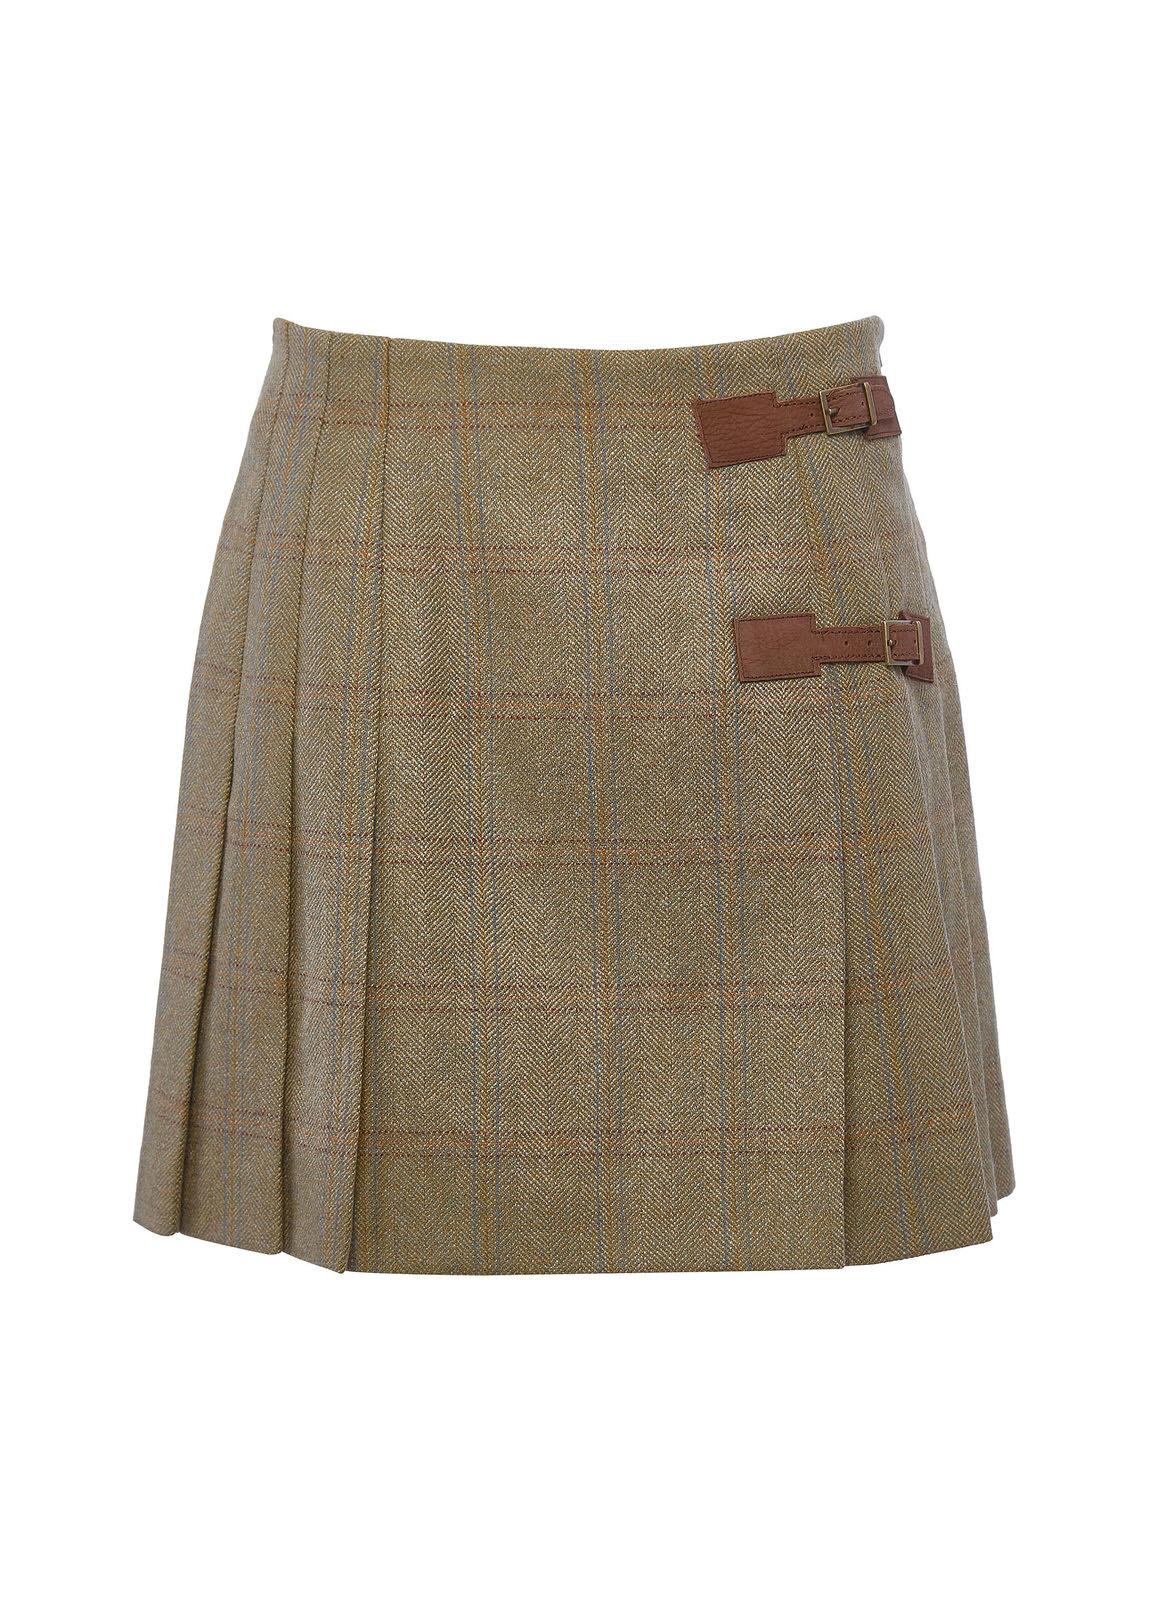 Blossom_Tweed_Skirt_Acorn_Image_1